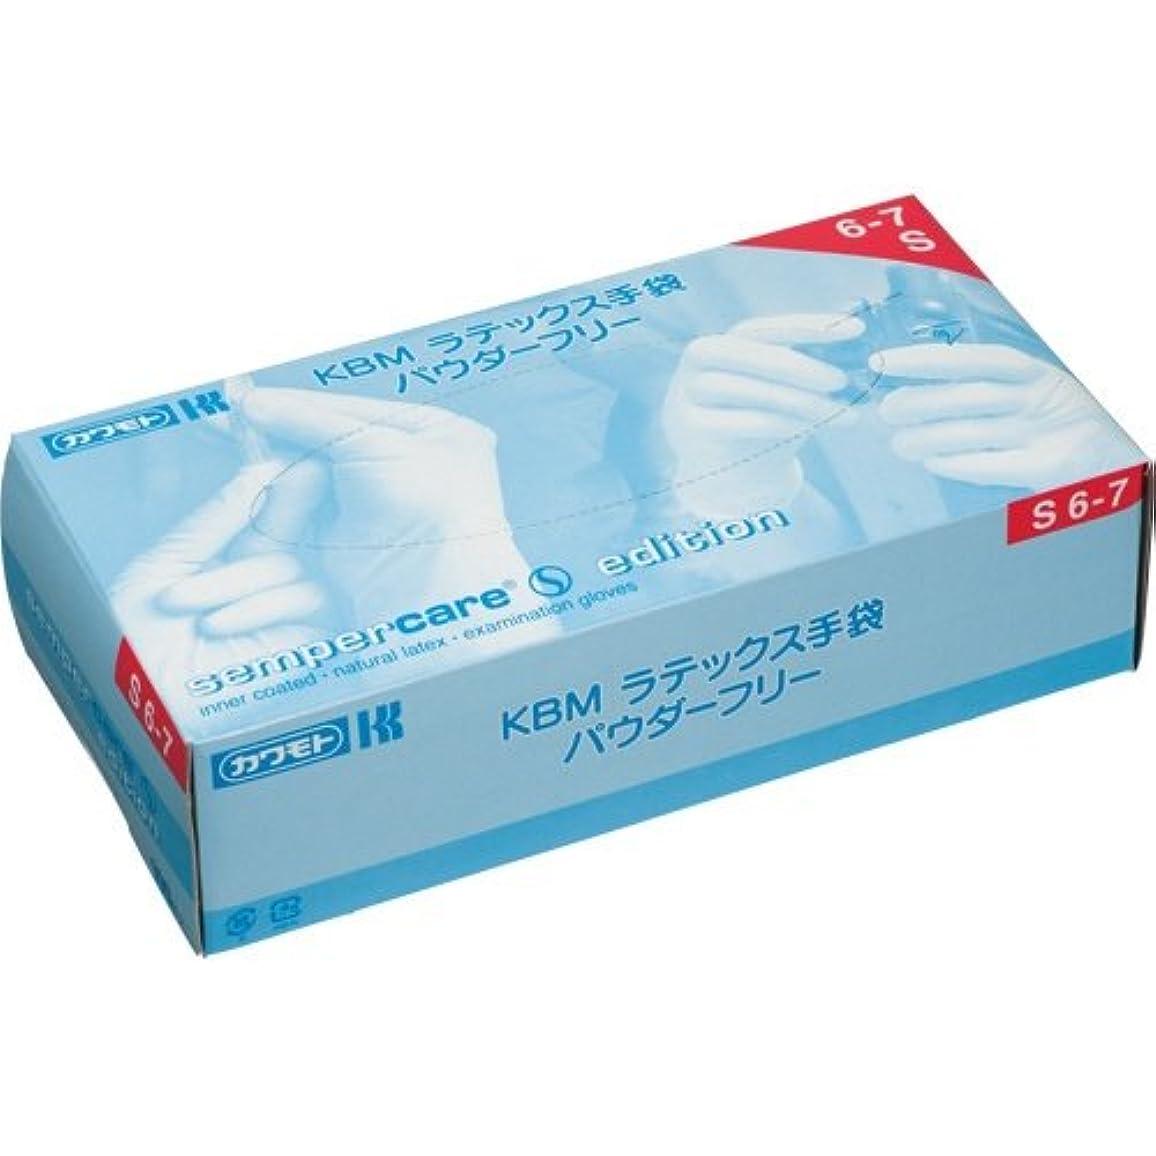 ドル忌まわしいなくなるカワモト KBM ラテックス手袋 パウダーフリー S 1セット(300枚:100枚×3箱)